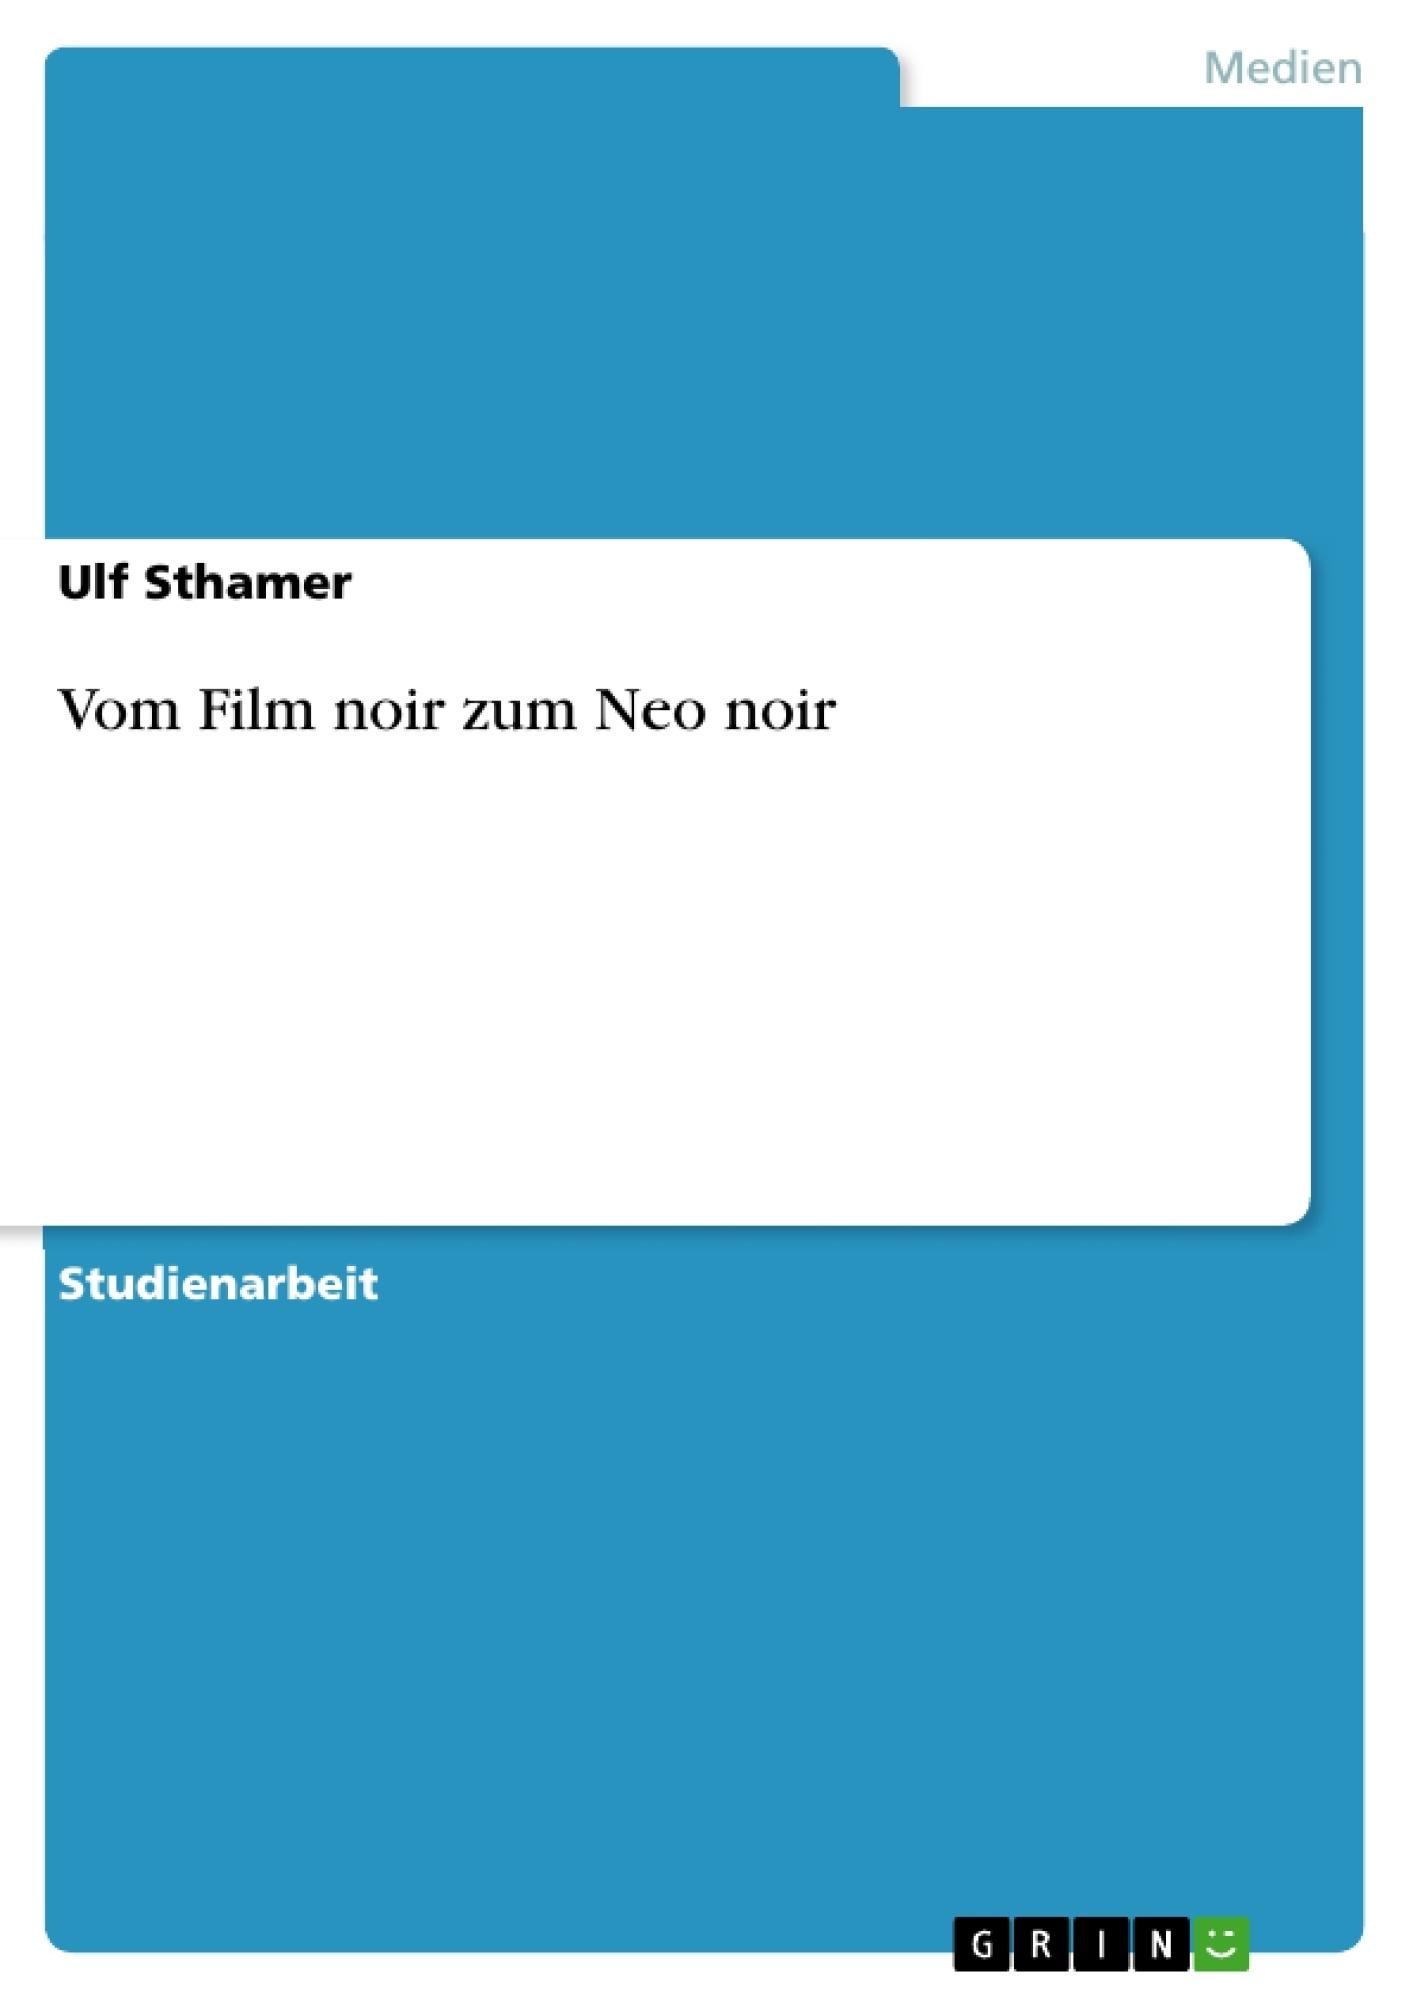 Titel: Vom Film noir zum Neo noir